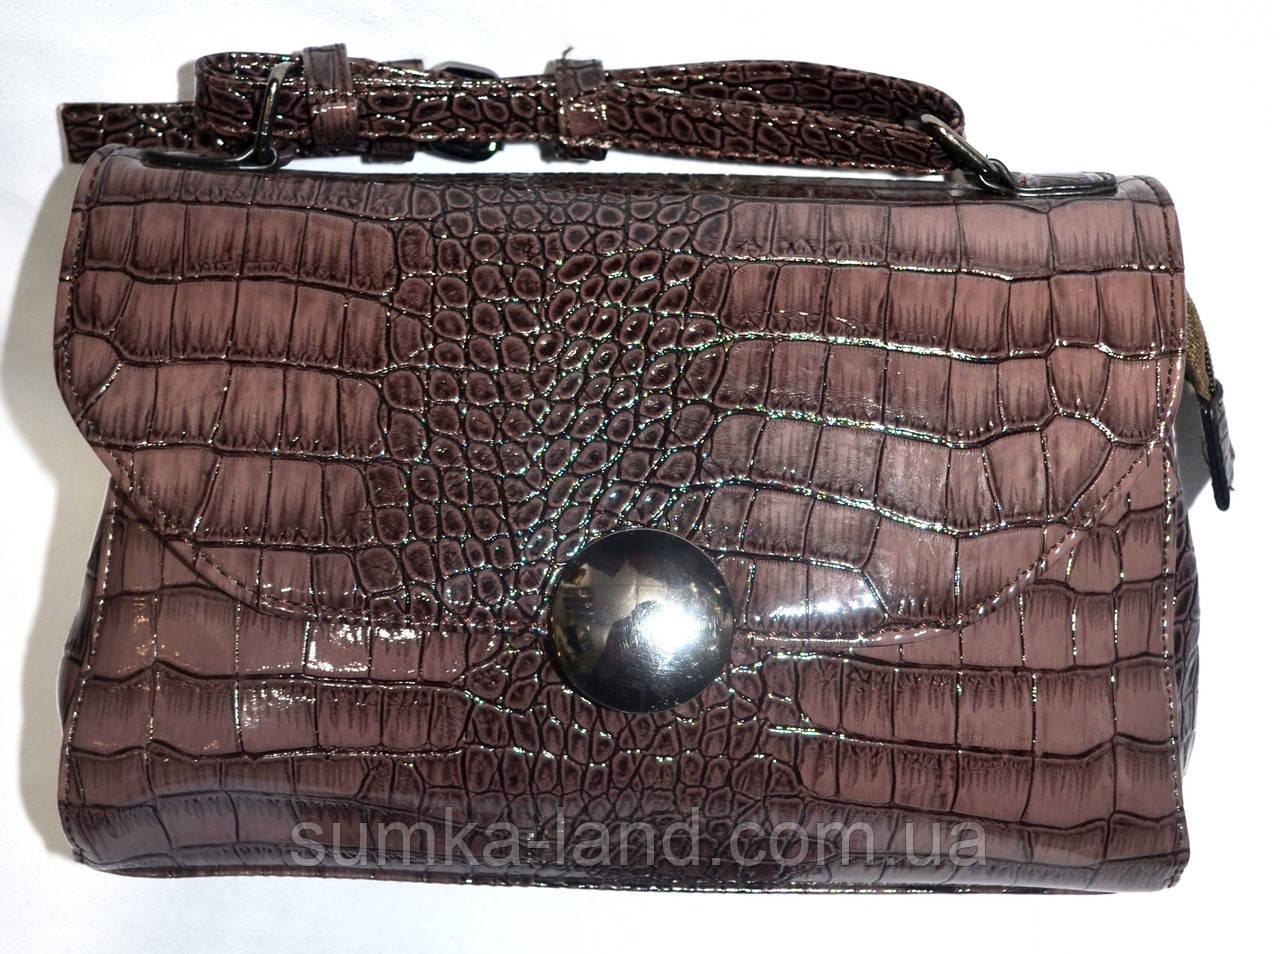 Женский лаковый клатч светло-коричневый крокодил 25*17